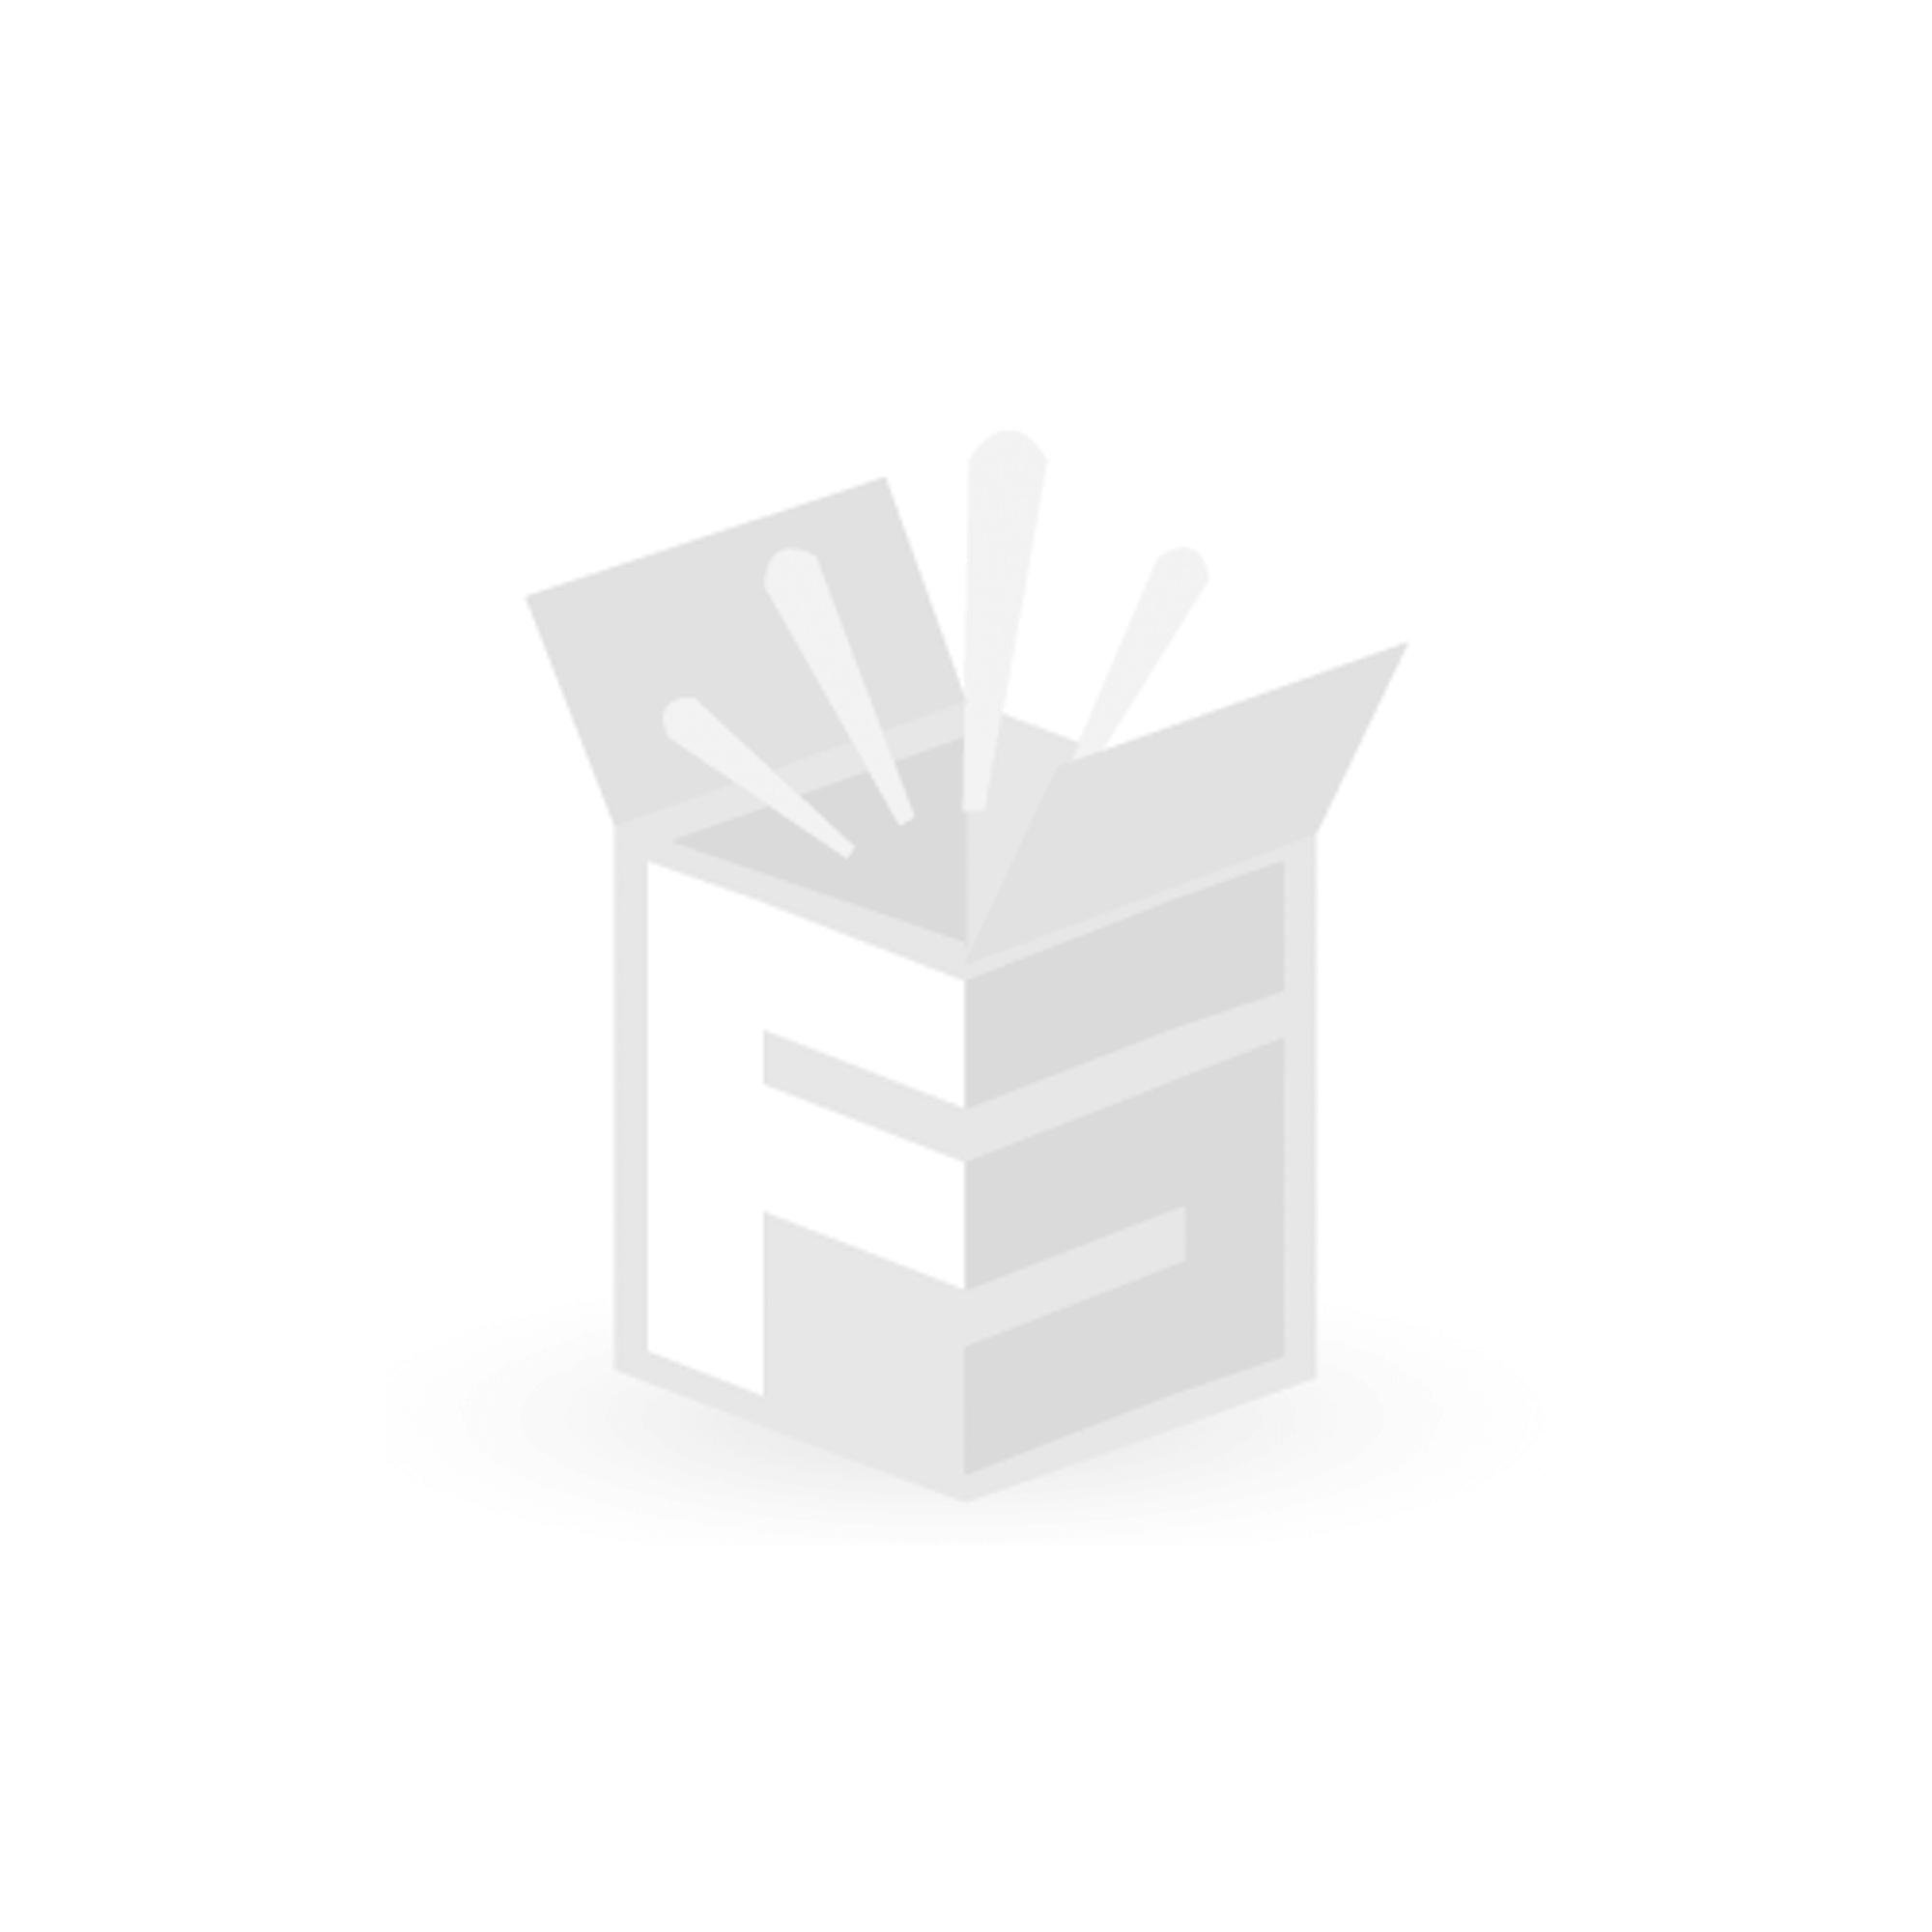 Contini höhenverstellbarer Bürotisch 2.0x0.9m weiss / Gestell weiss